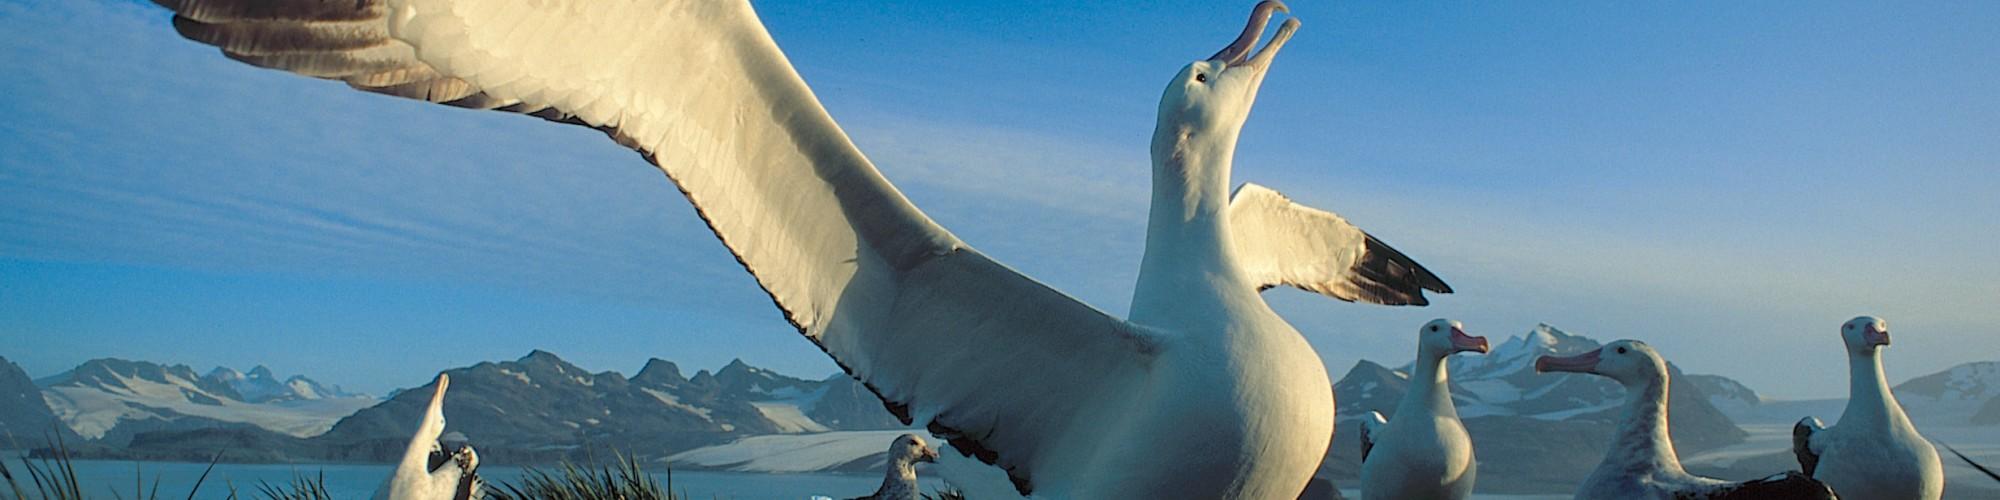 AN - South Georgia - Oceanwide - Albatrosses by Rinie van Meurs